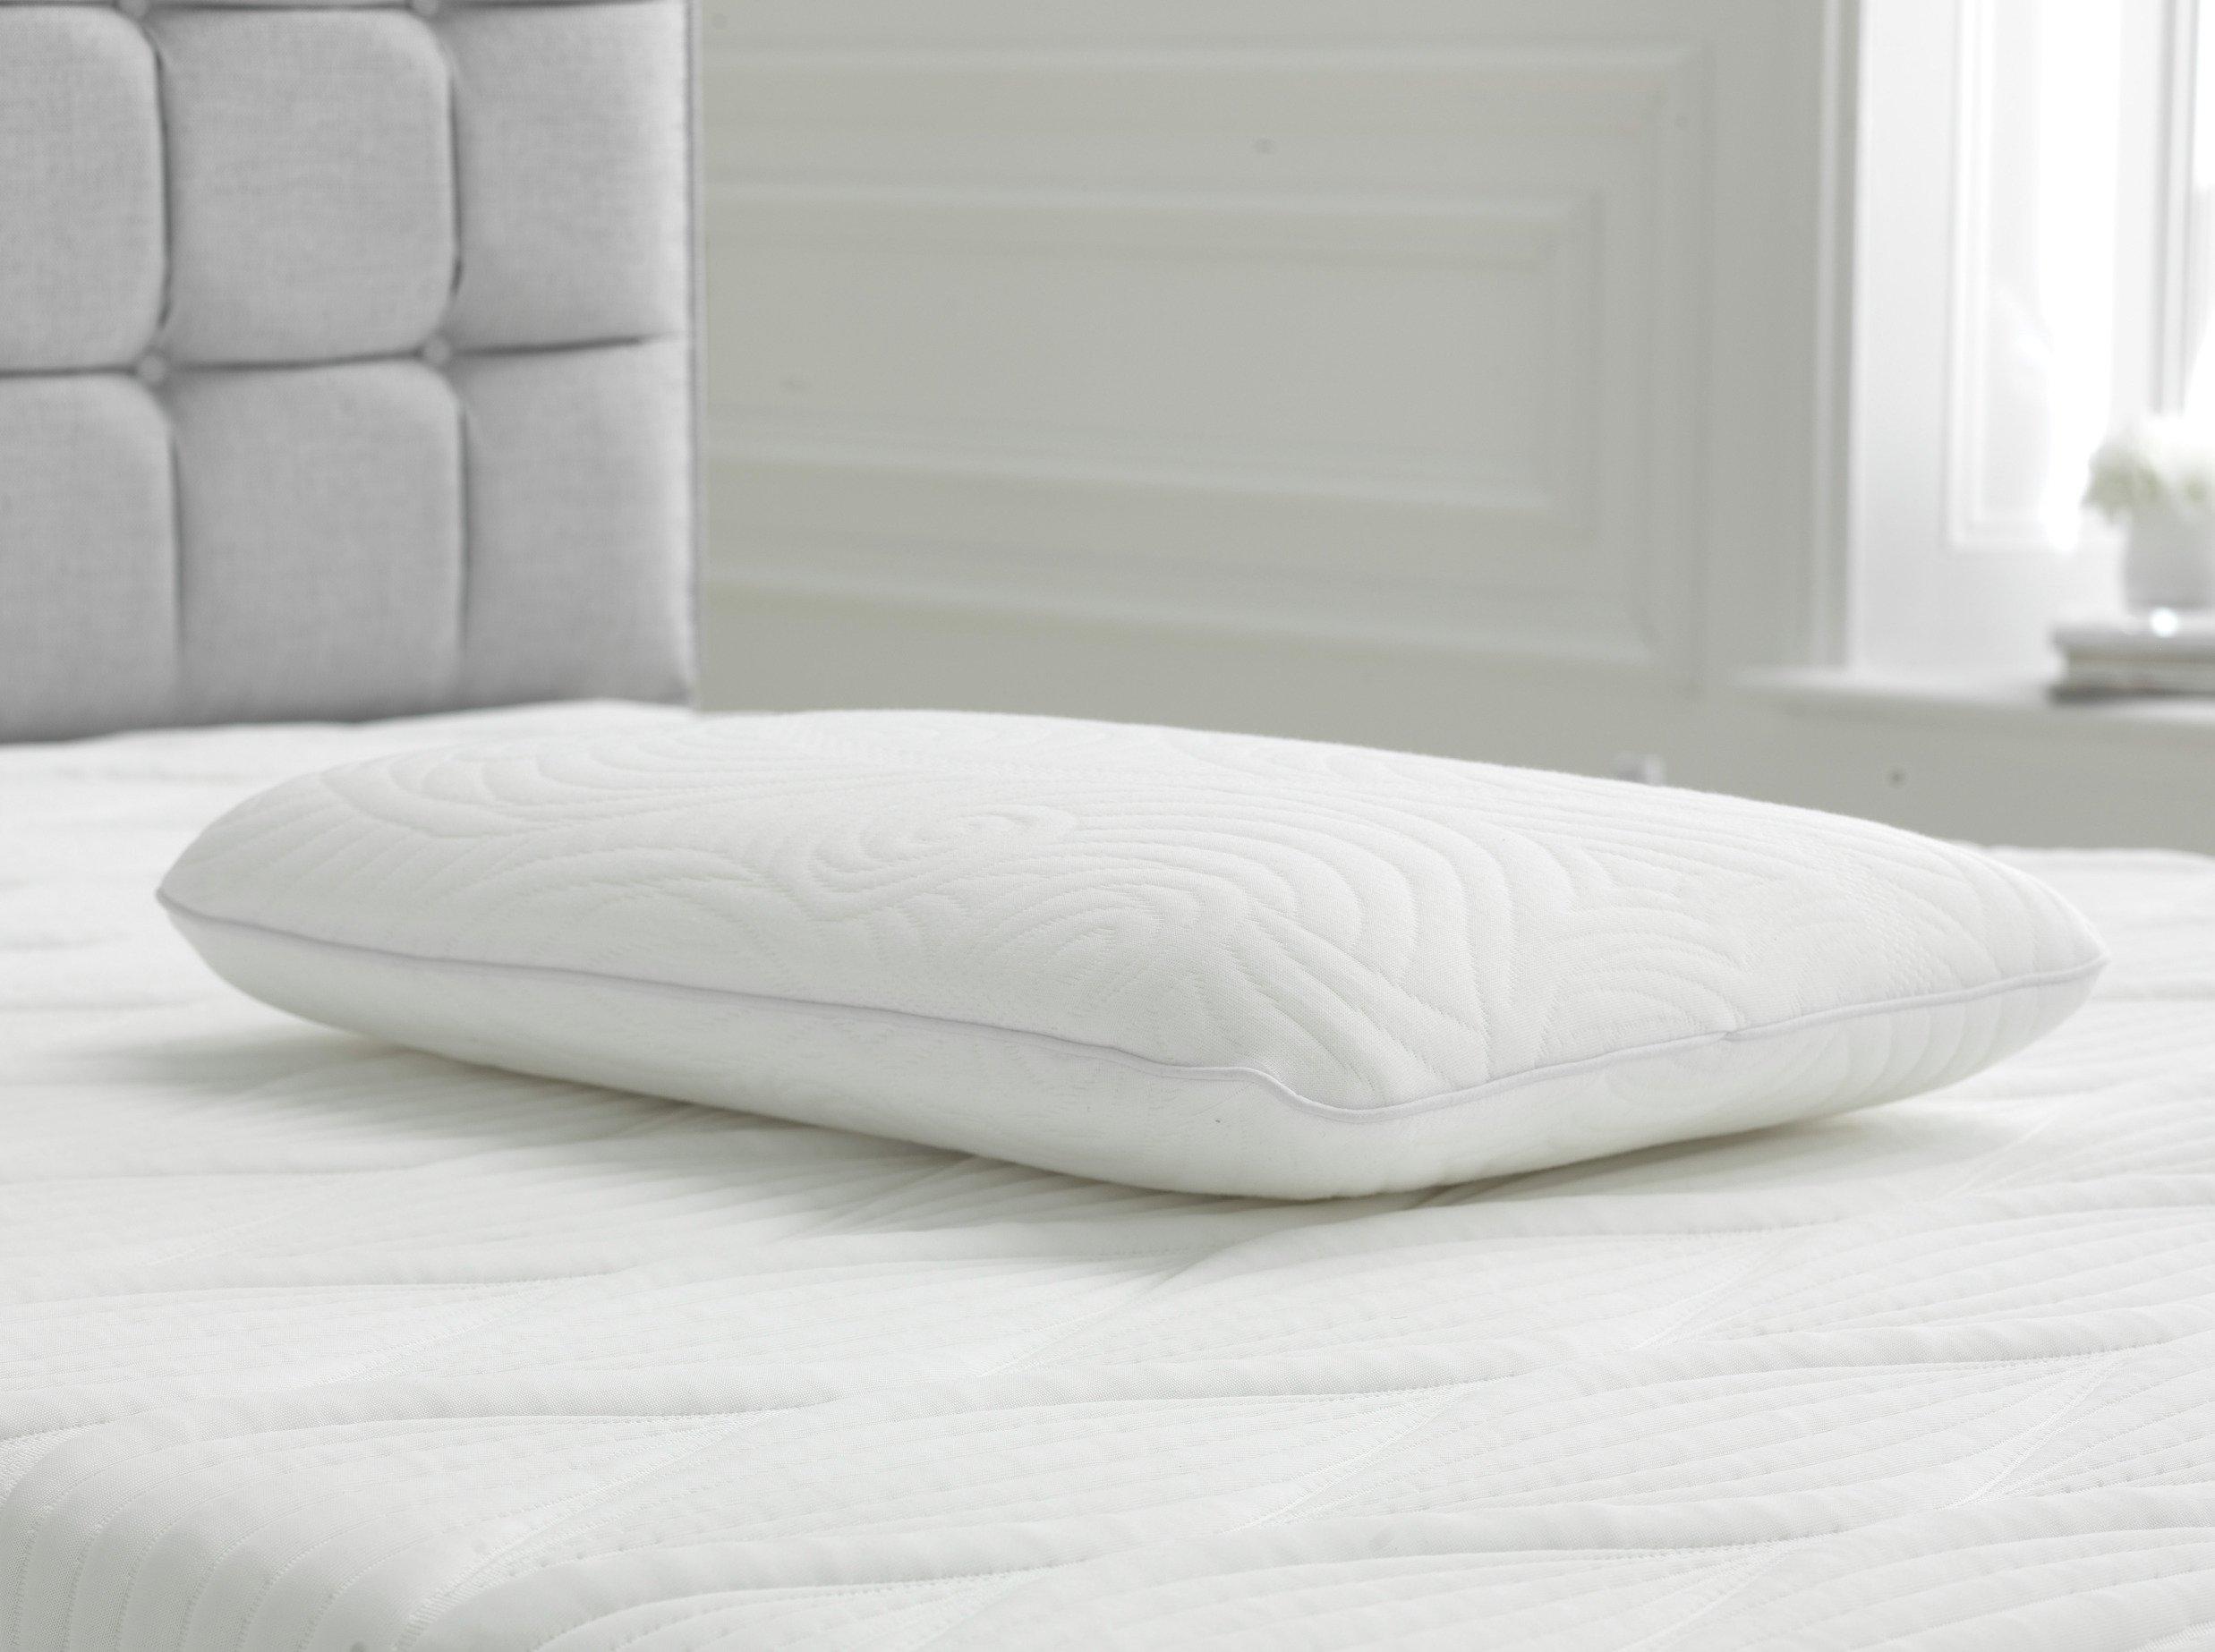 Image of Dormeo Octaspring True Evolution Memory Foam Pillow